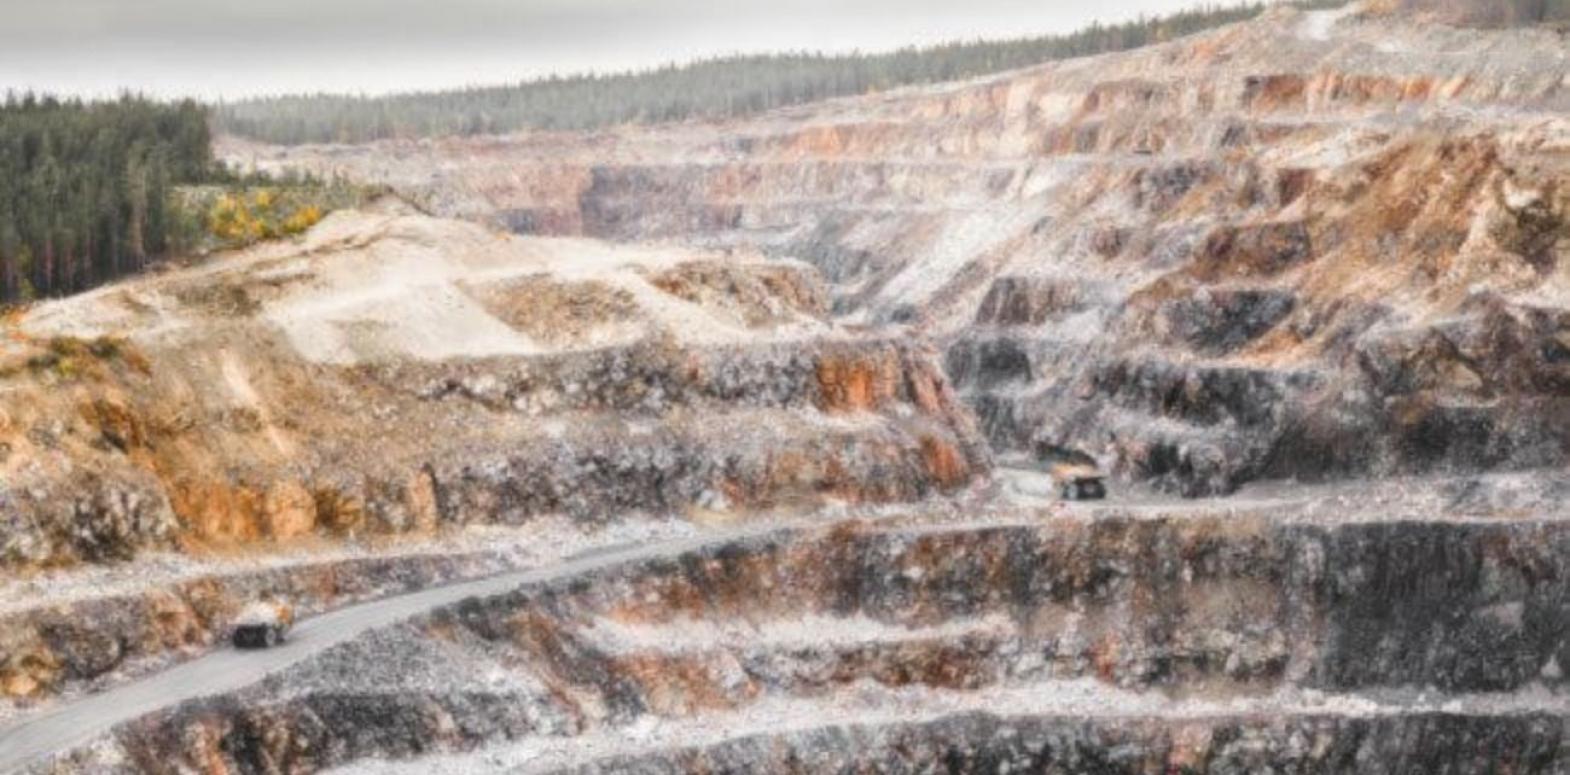 Падение продолжается. Стоимость руды обвалилась до психологической отметки в 100 долларов